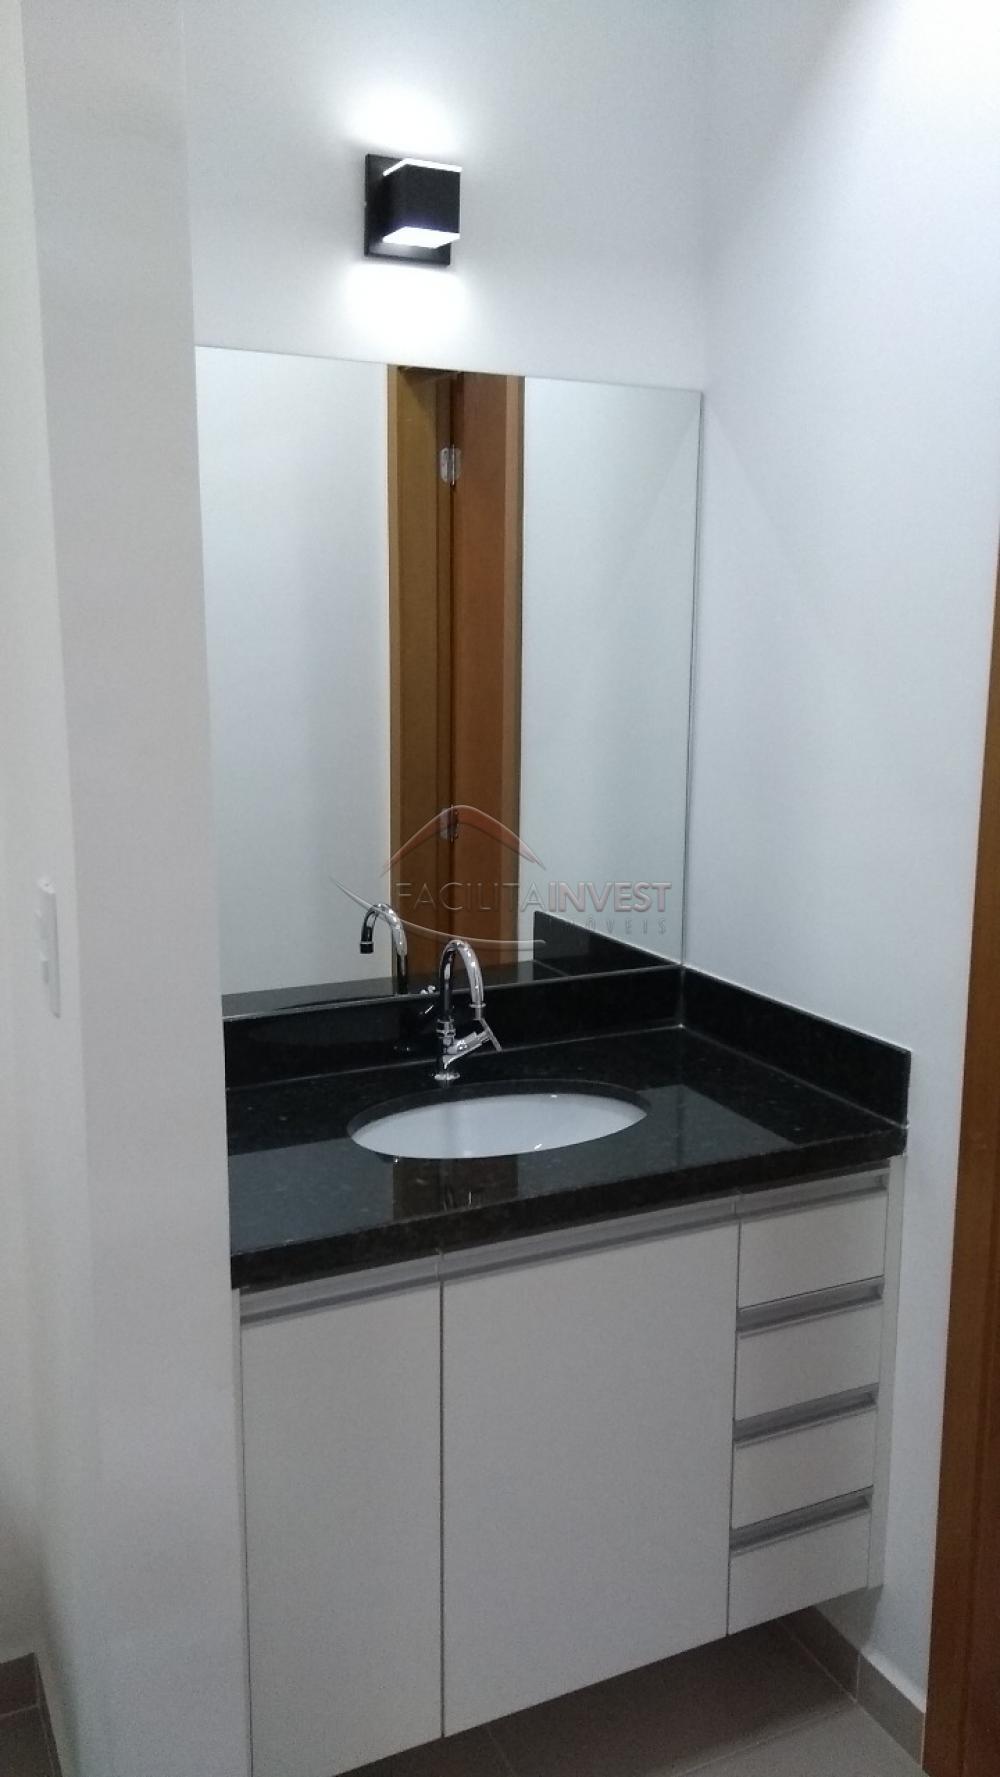 Alugar Apartamentos / Apart. Padrão em Ribeirão Preto apenas R$ 890,00 - Foto 6